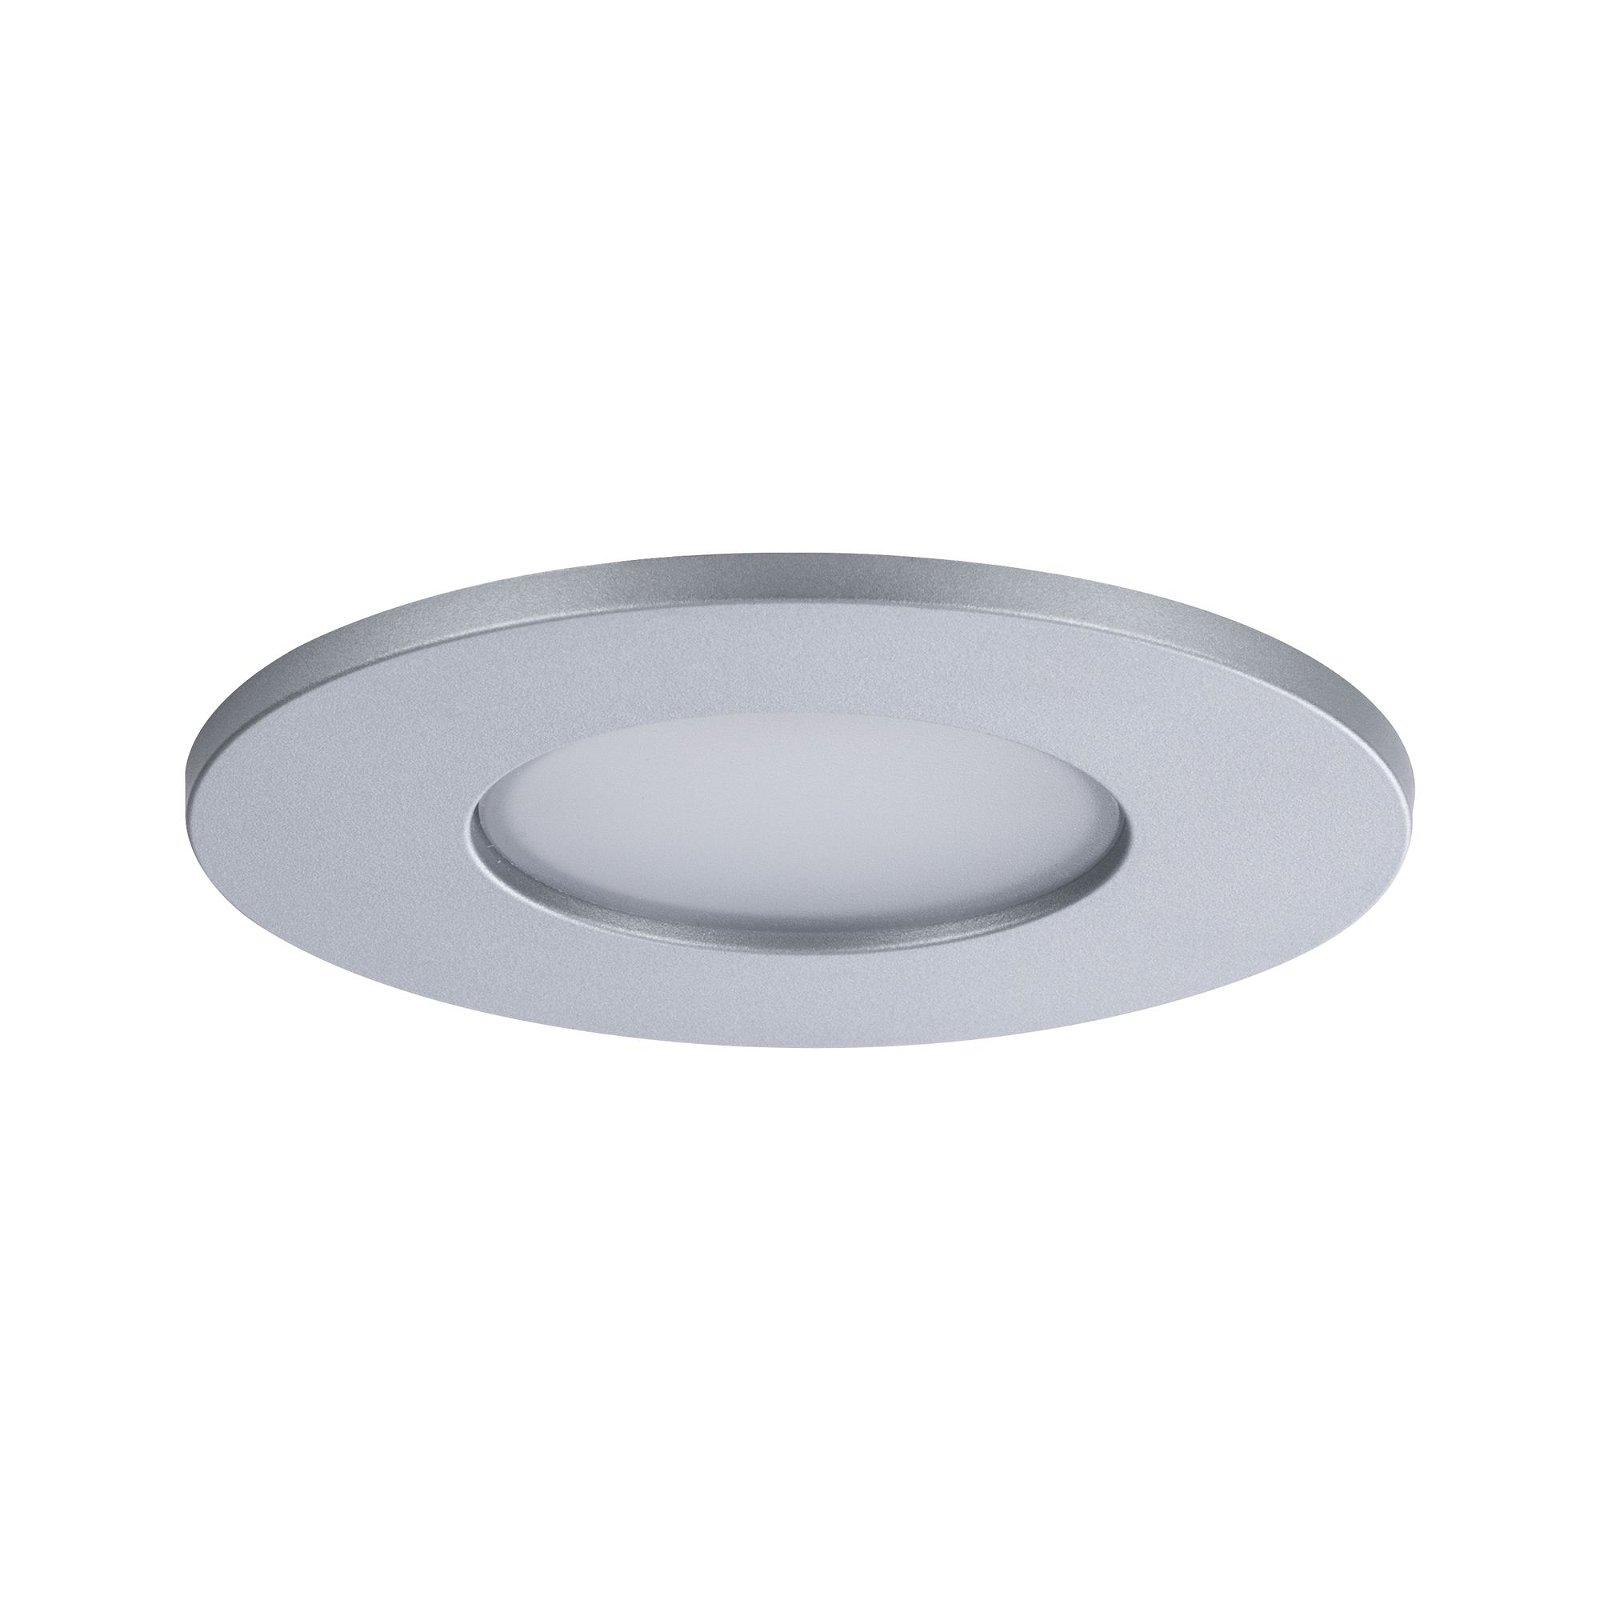 LED Einbauleuchte Calla Basisset schwenkbar IP65 rund 90mm 30° 3x6,5W 3x560lm 230V 4000K Chrom matt